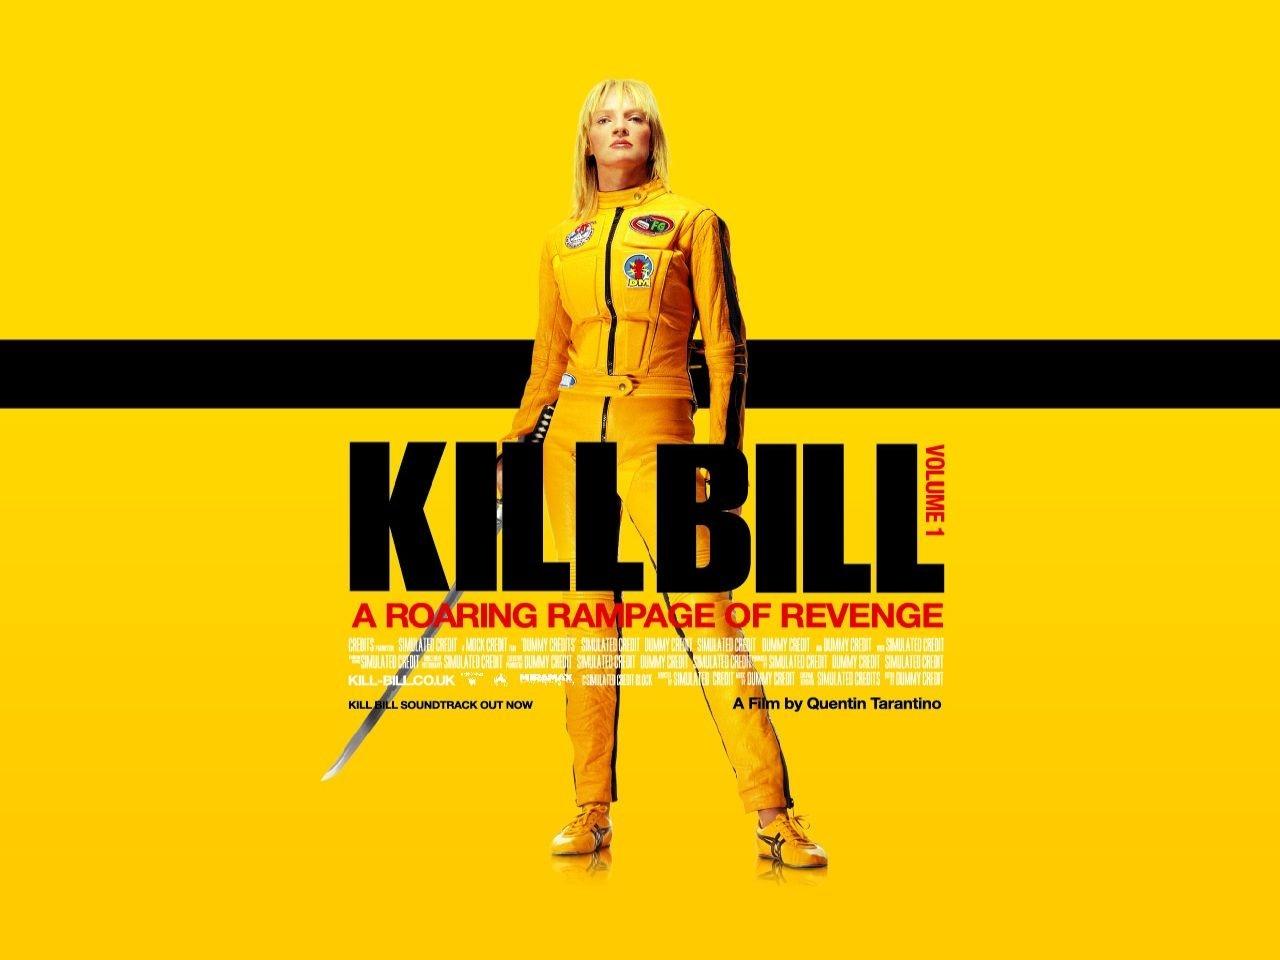 Wallpaper di Uma Thurman con la tuta gialla di Kill Bill